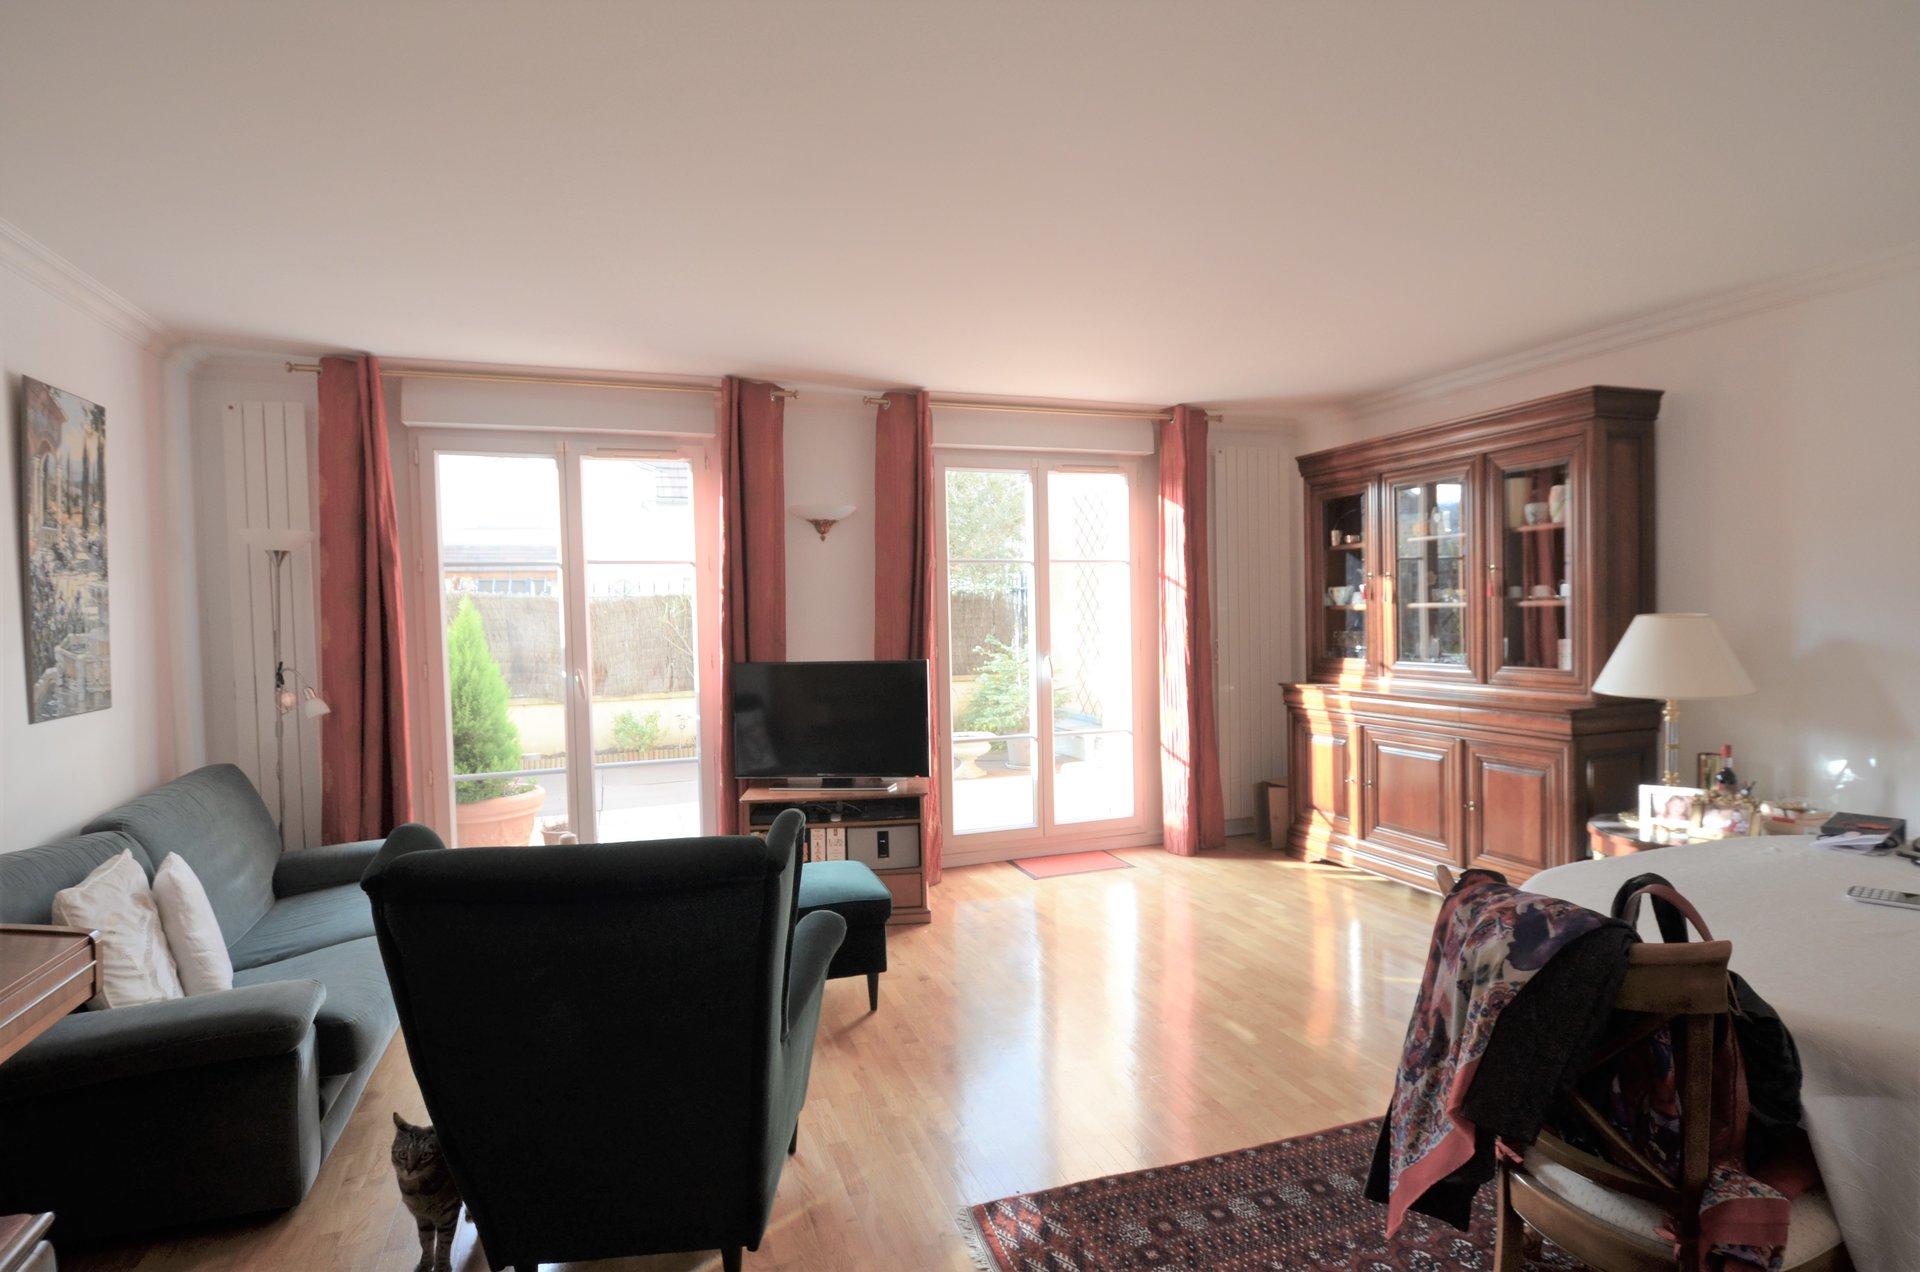 Vente Maison de ville - Croissy-sur-Seine